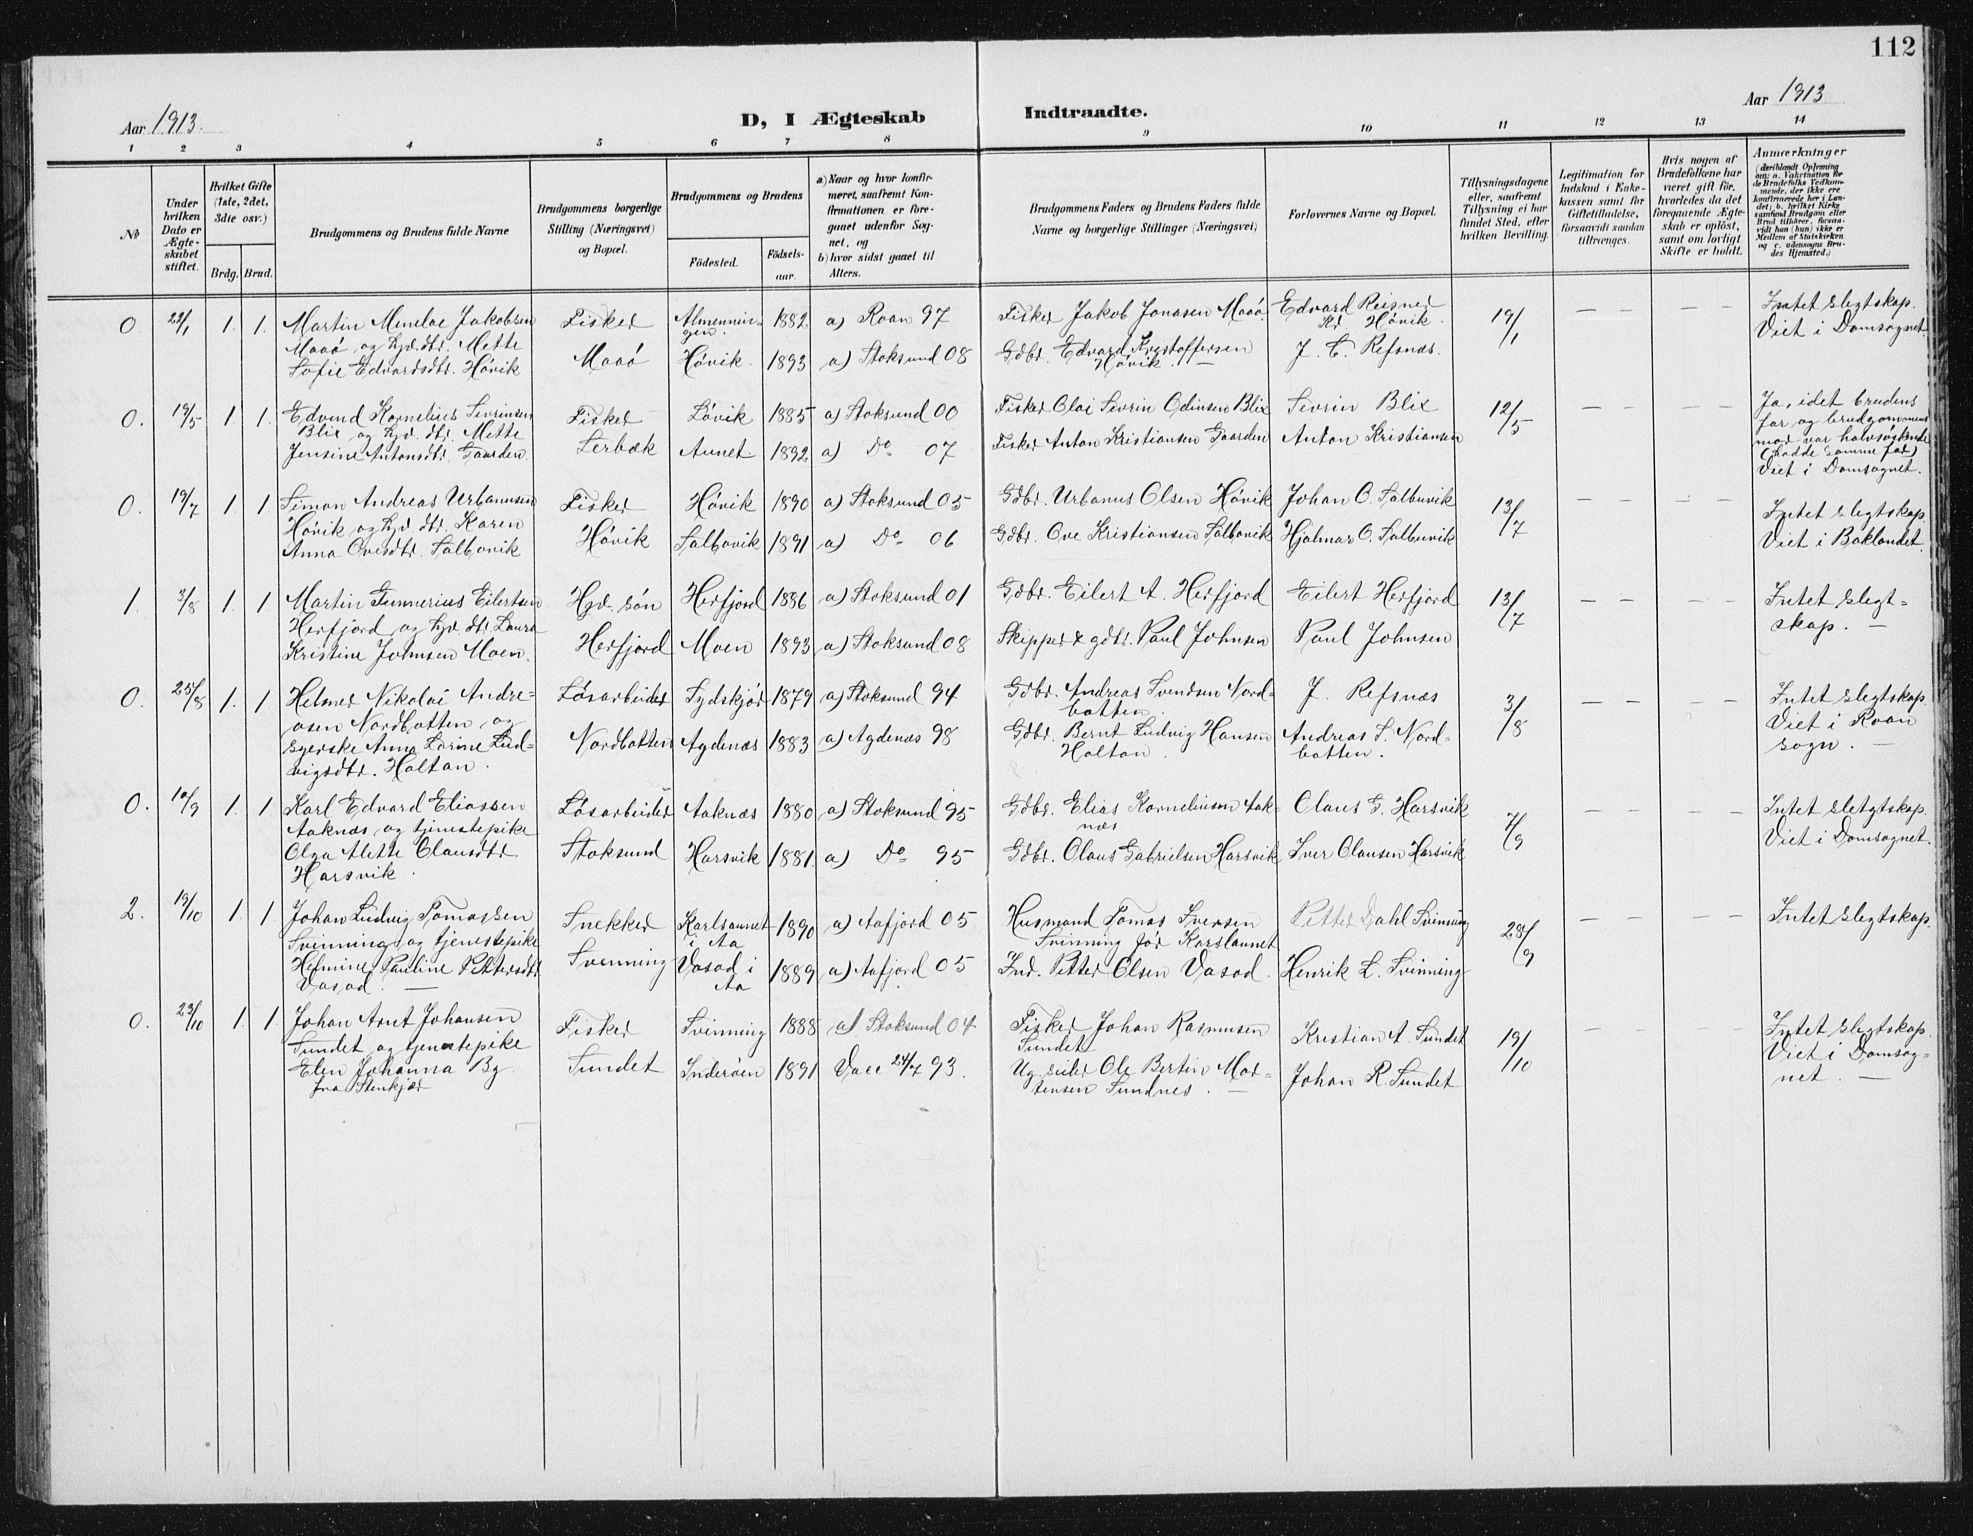 SAT, Ministerialprotokoller, klokkerbøker og fødselsregistre - Sør-Trøndelag, 656/L0699: Klokkerbok nr. 656C05, 1905-1920, s. 112